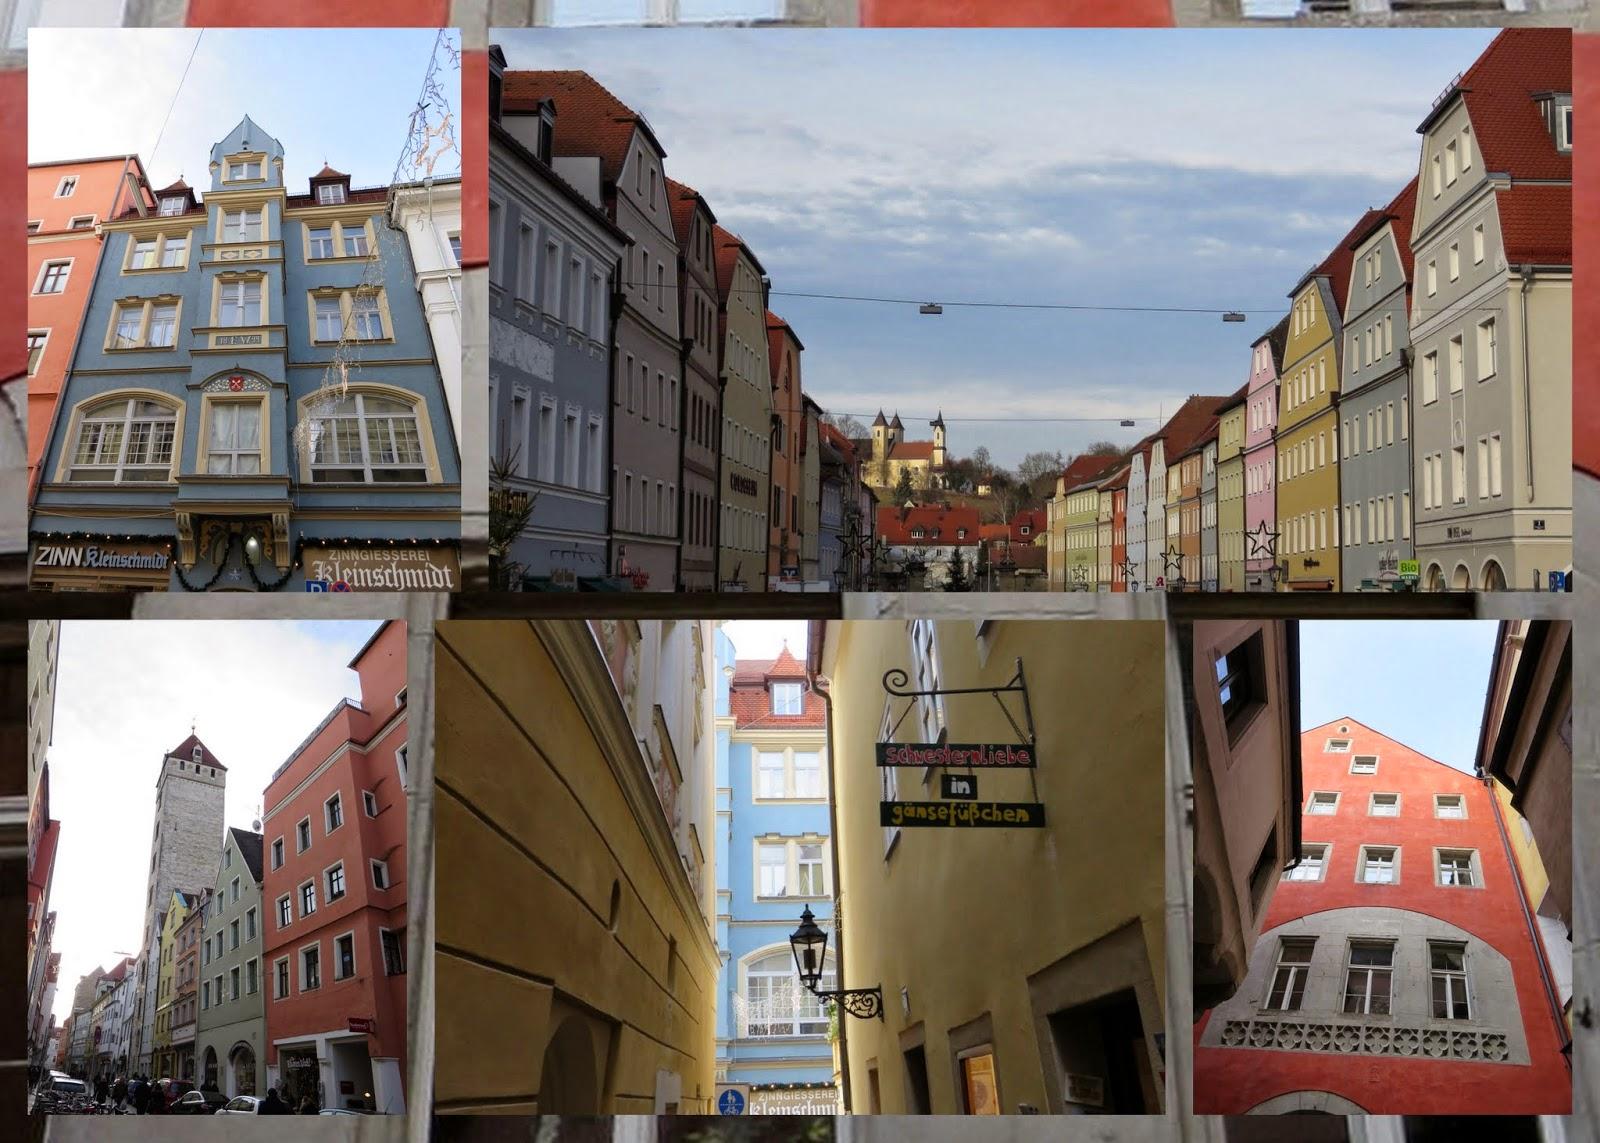 Regensburg - Pastel Buildings